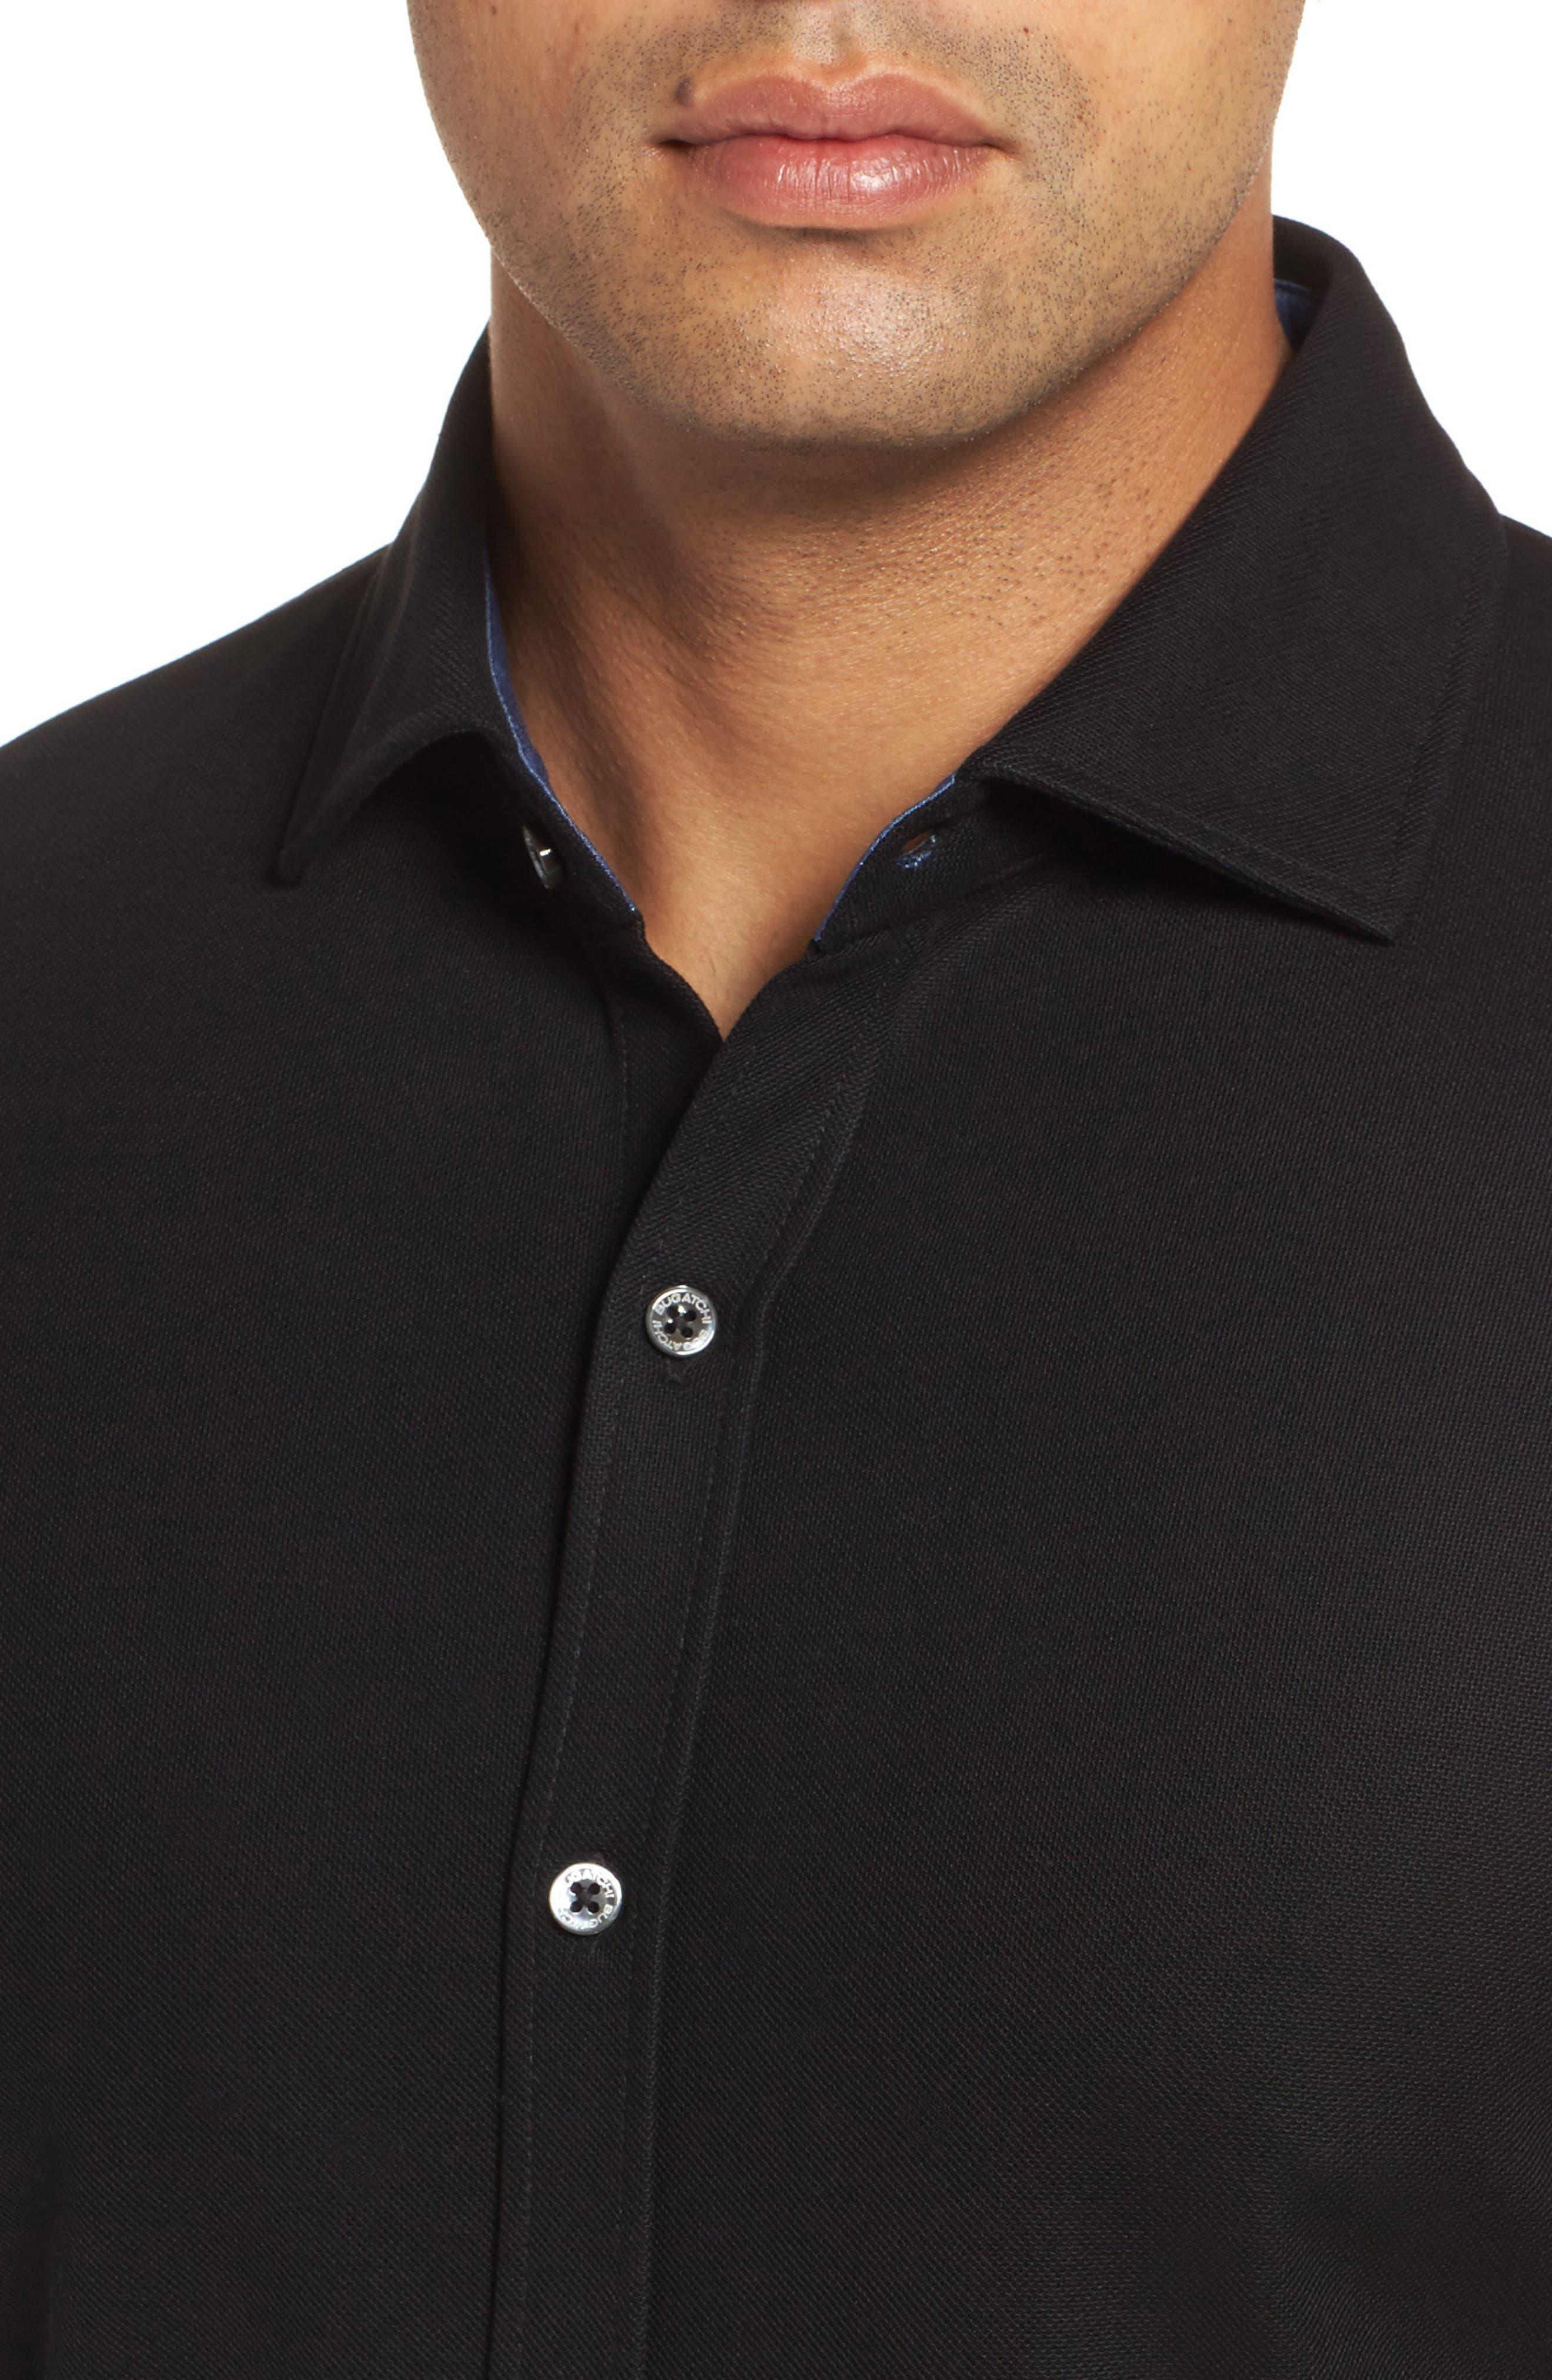 Classic Fit Piqué Knit Shirt,                             Alternate thumbnail 4, color,                             001